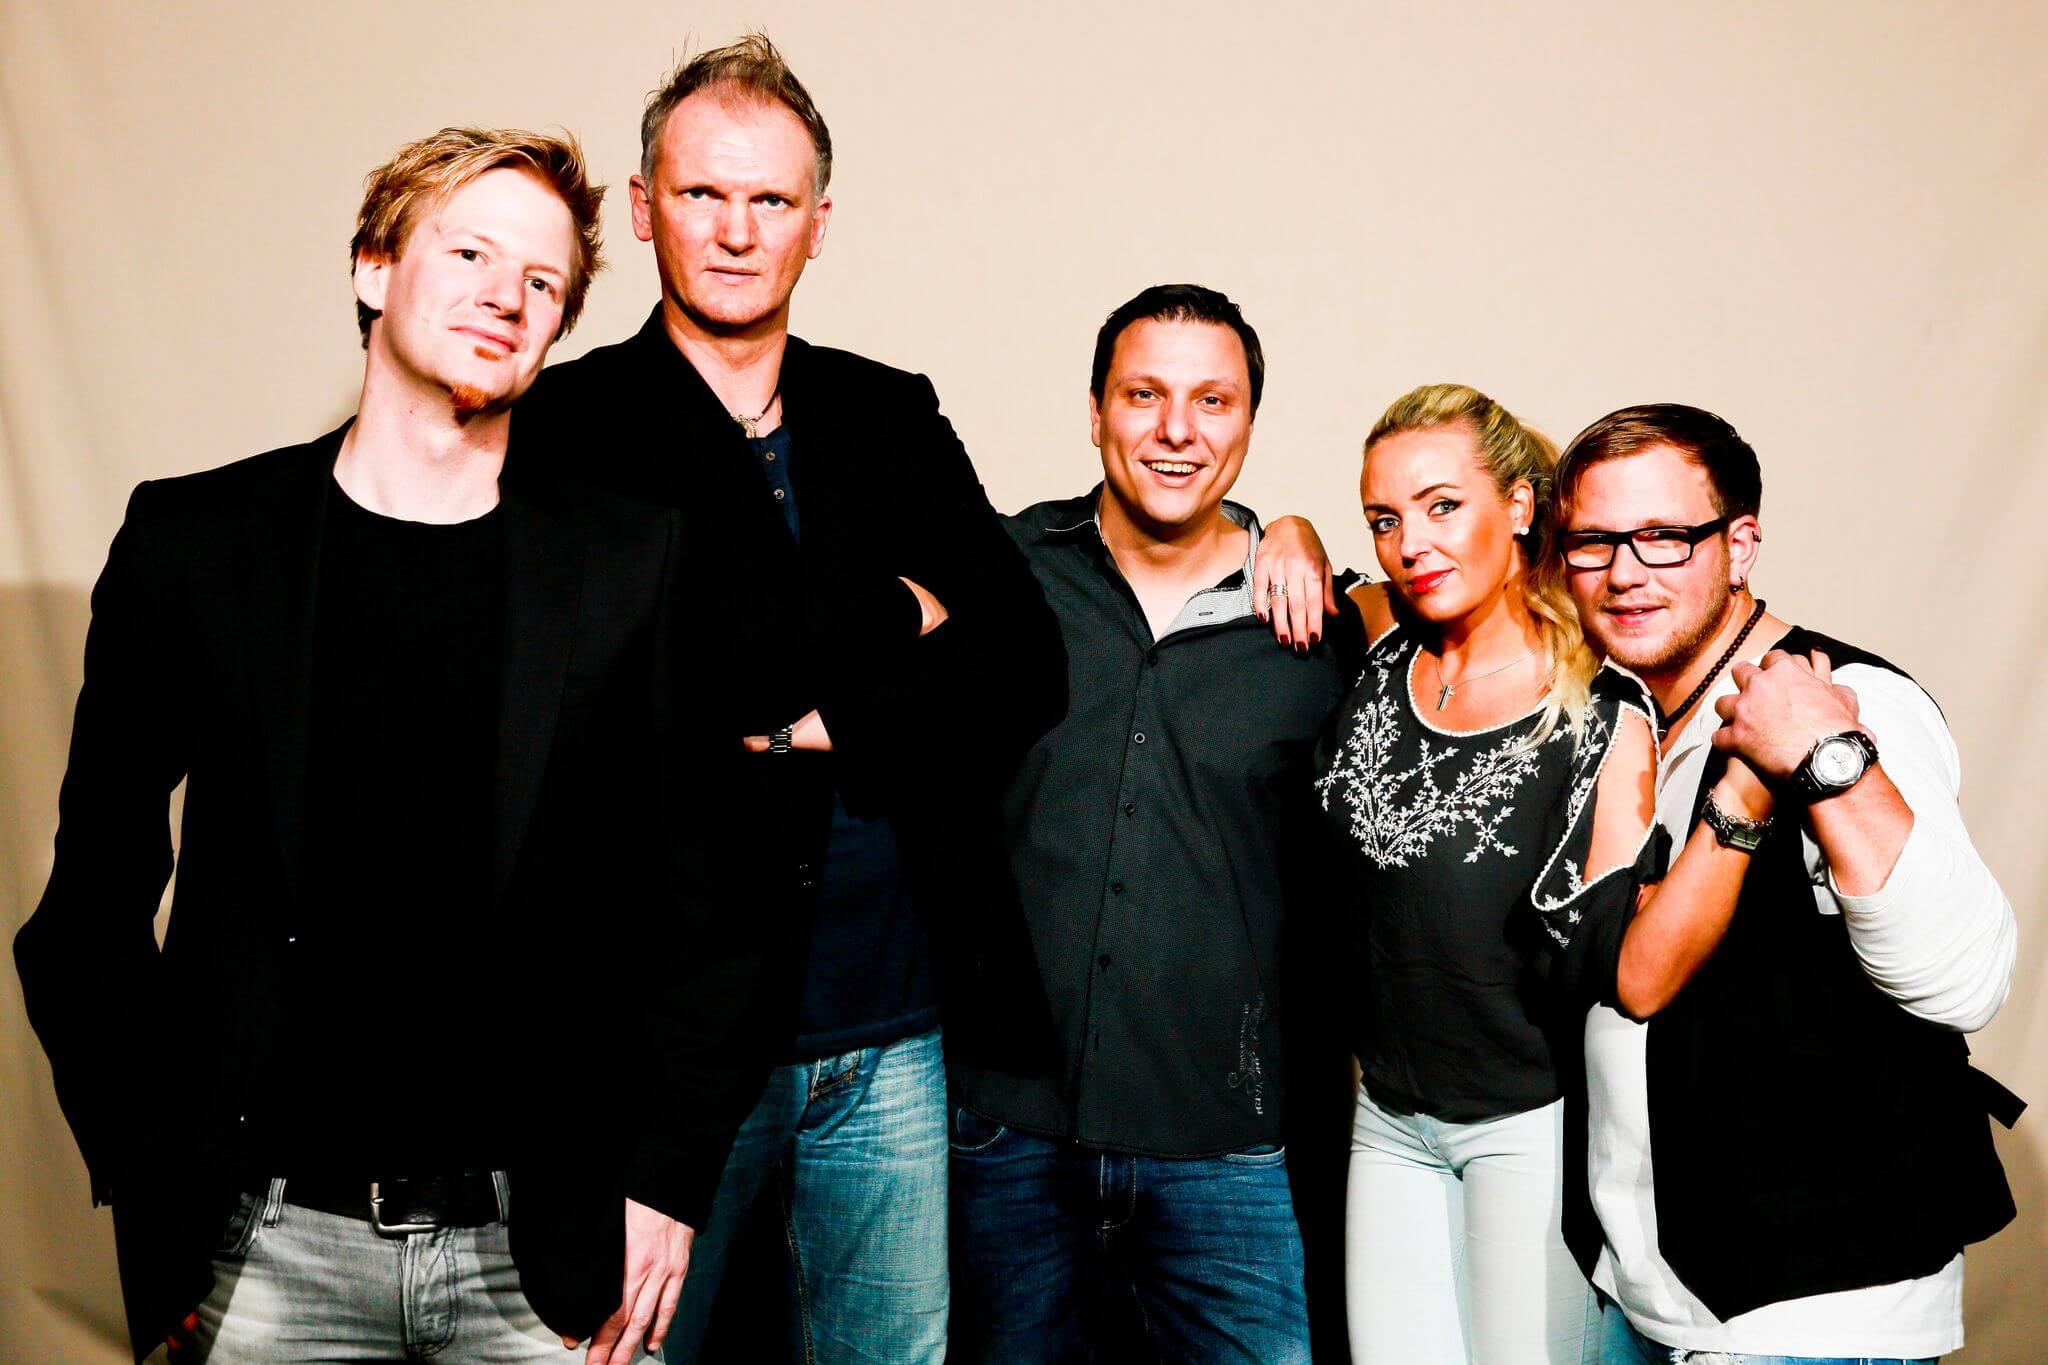 D-Lite Partyband-Bild von der Band D-Lite Partyband-Die angesagte Band aus Geseke NRW